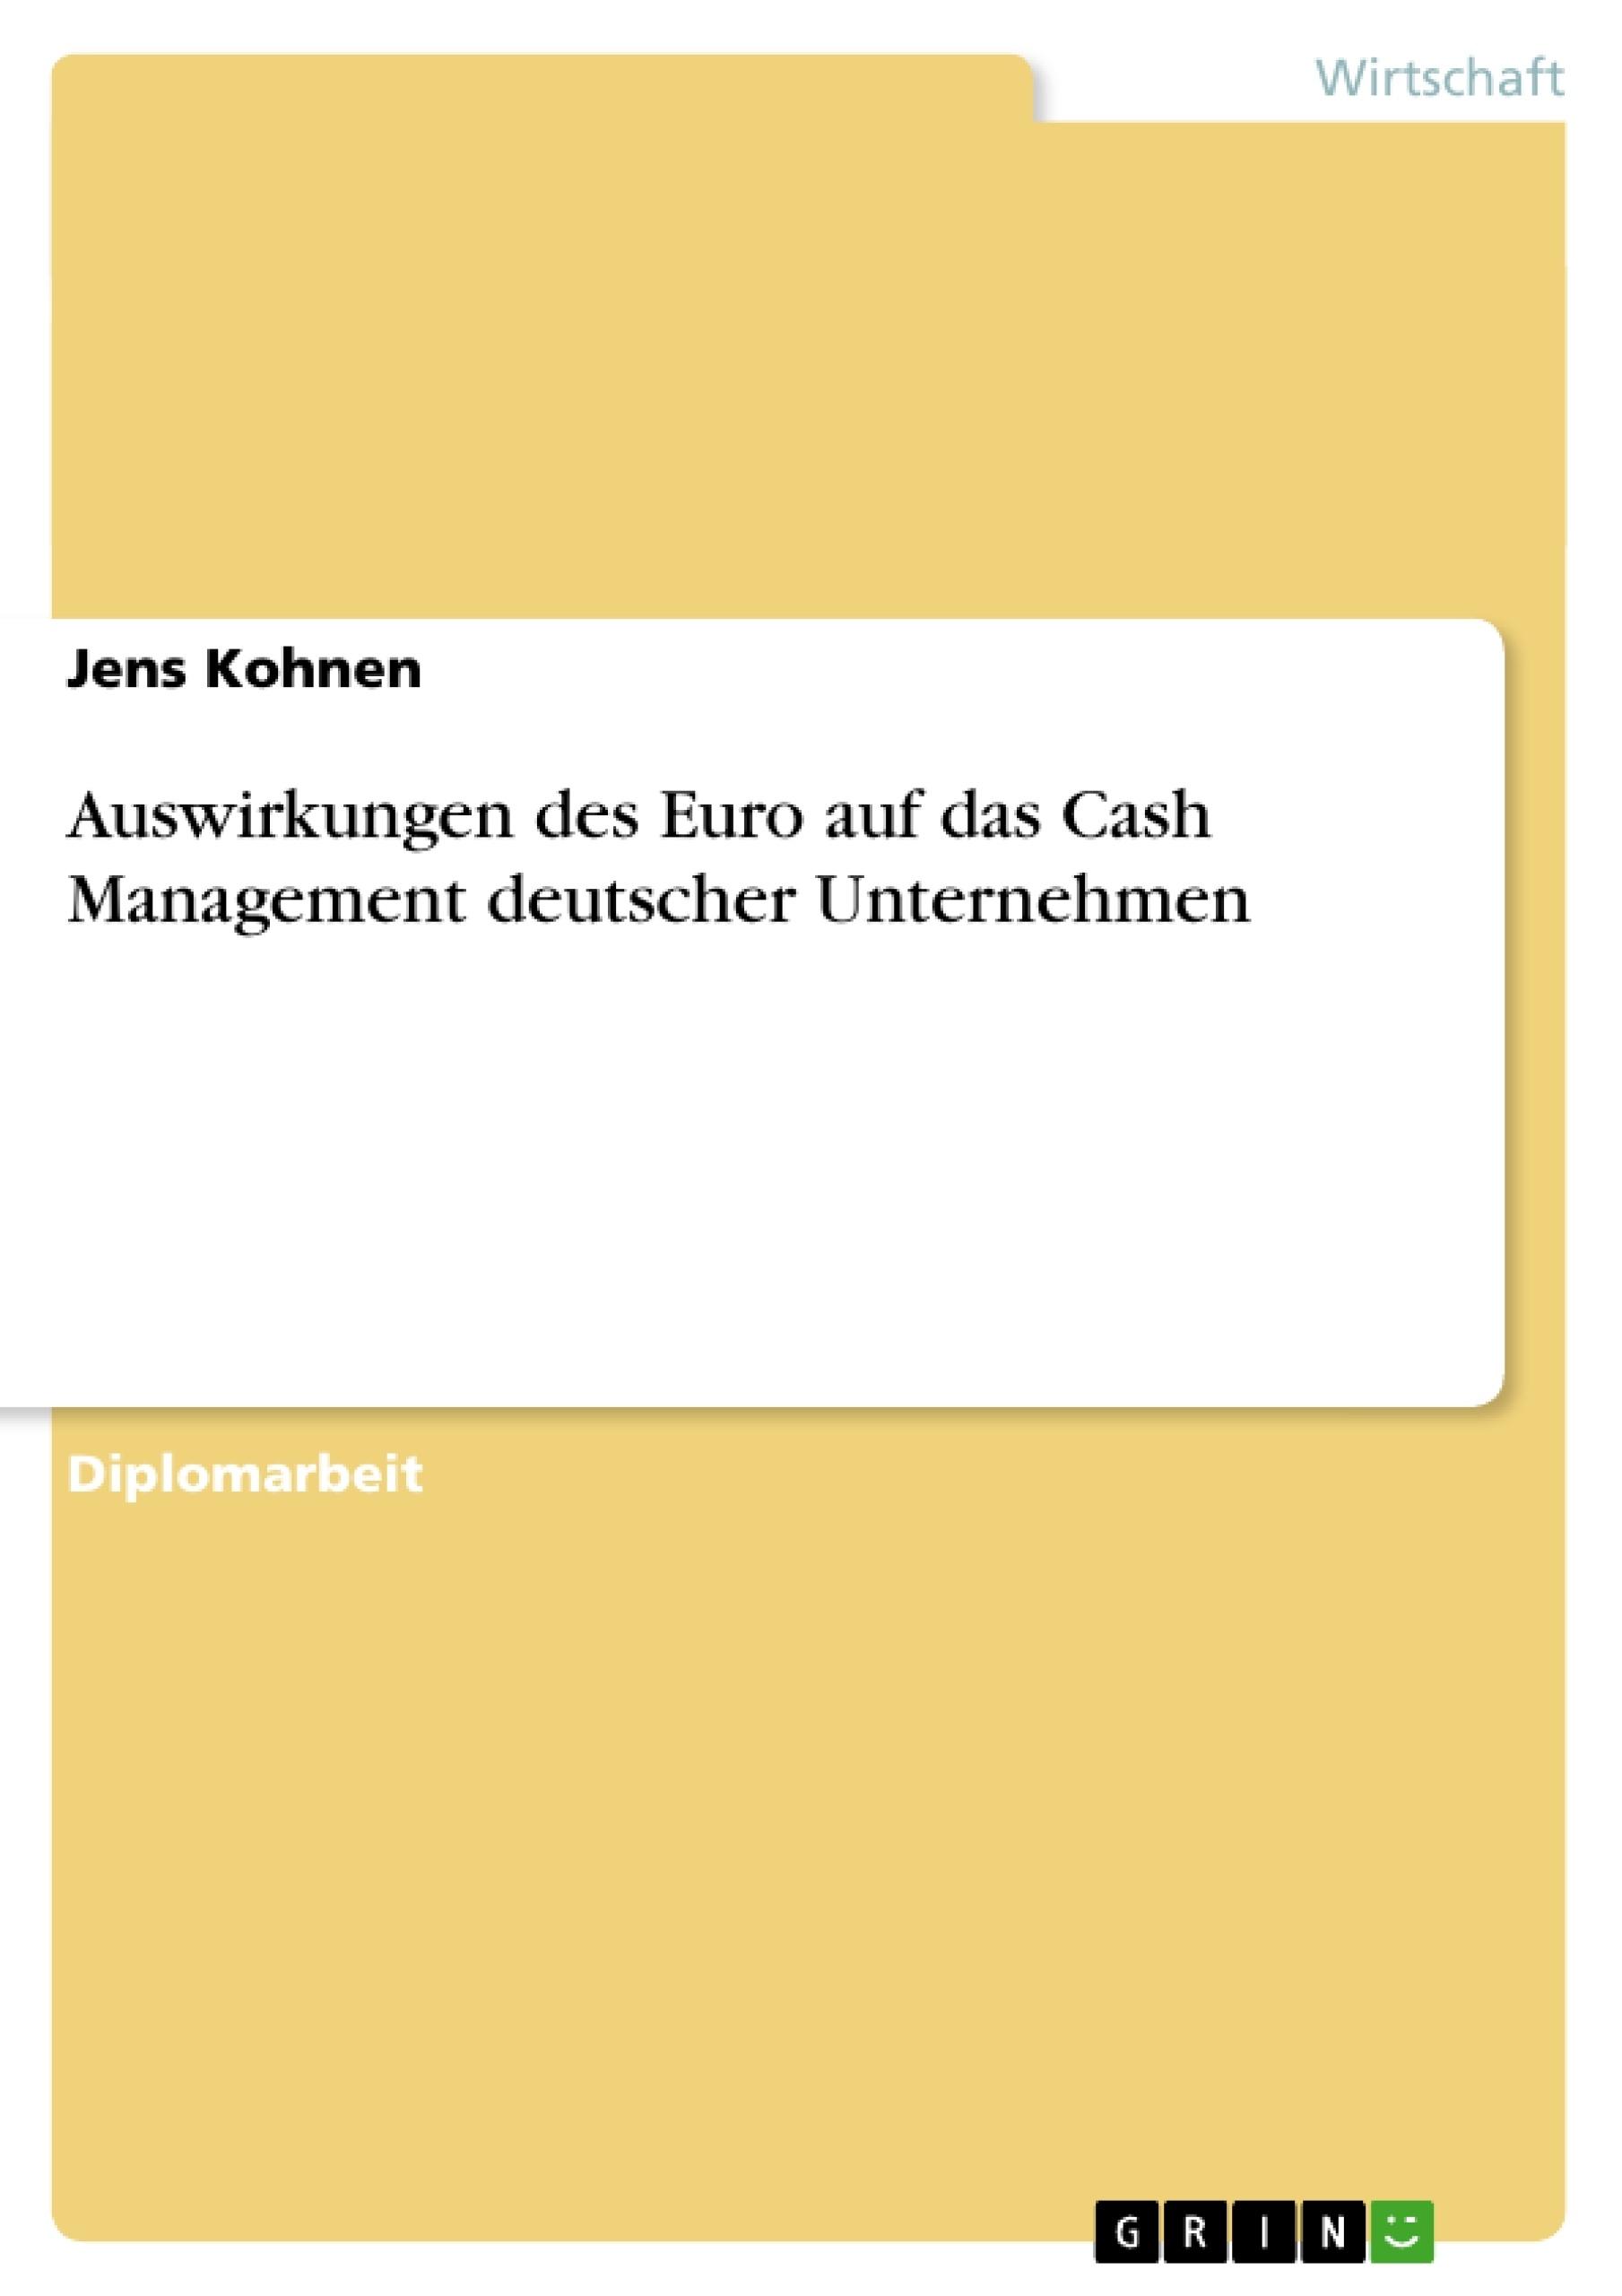 Titel: Auswirkungen des Euro auf das Cash Management deutscher Unternehmen